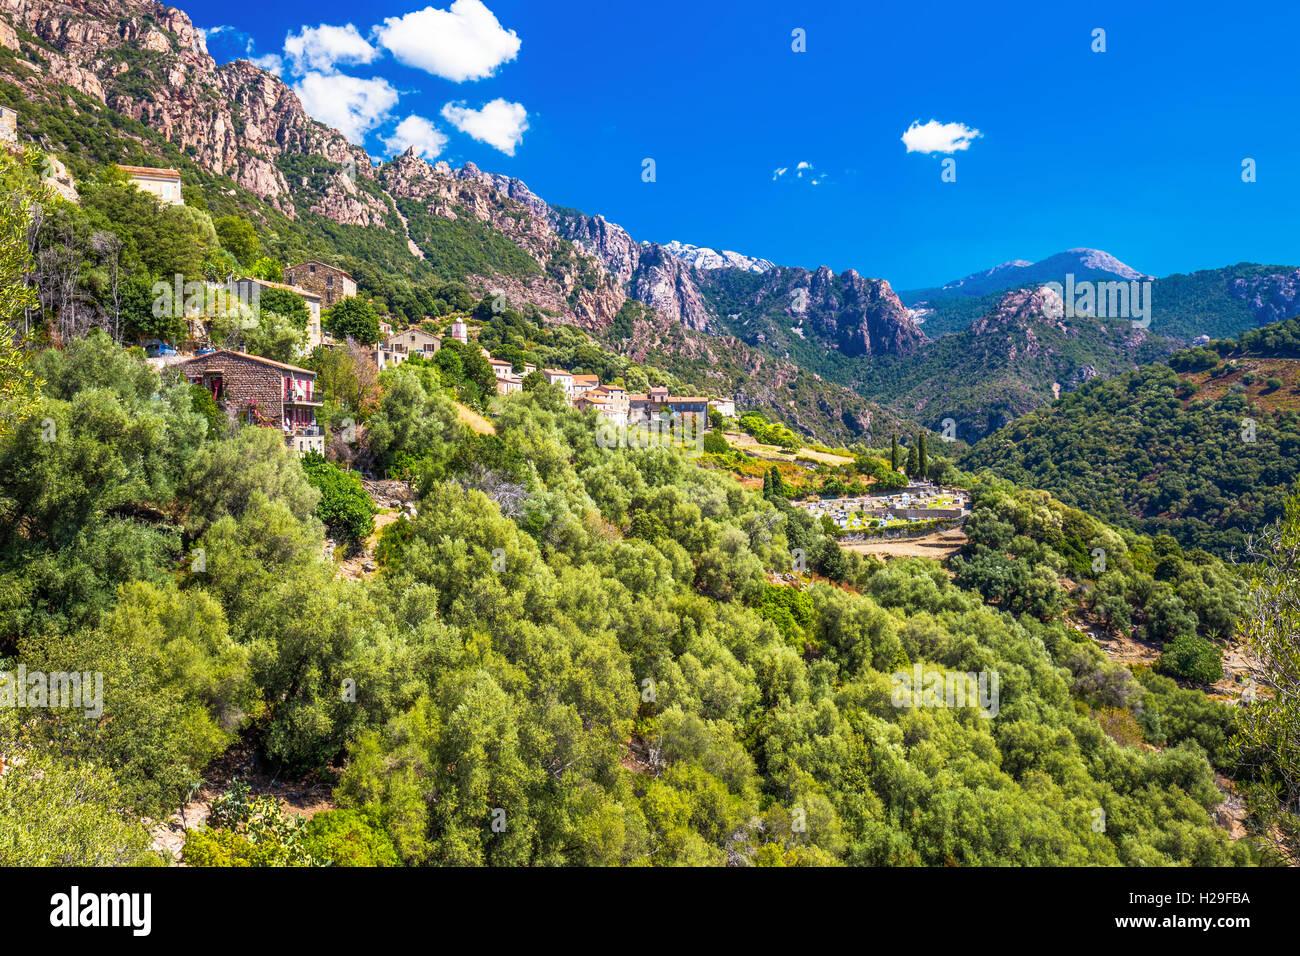 Ciudad de Ota con las montañas en el fondo cerca de Evisa y Porto, Córcega, Francia. Imagen De Stock